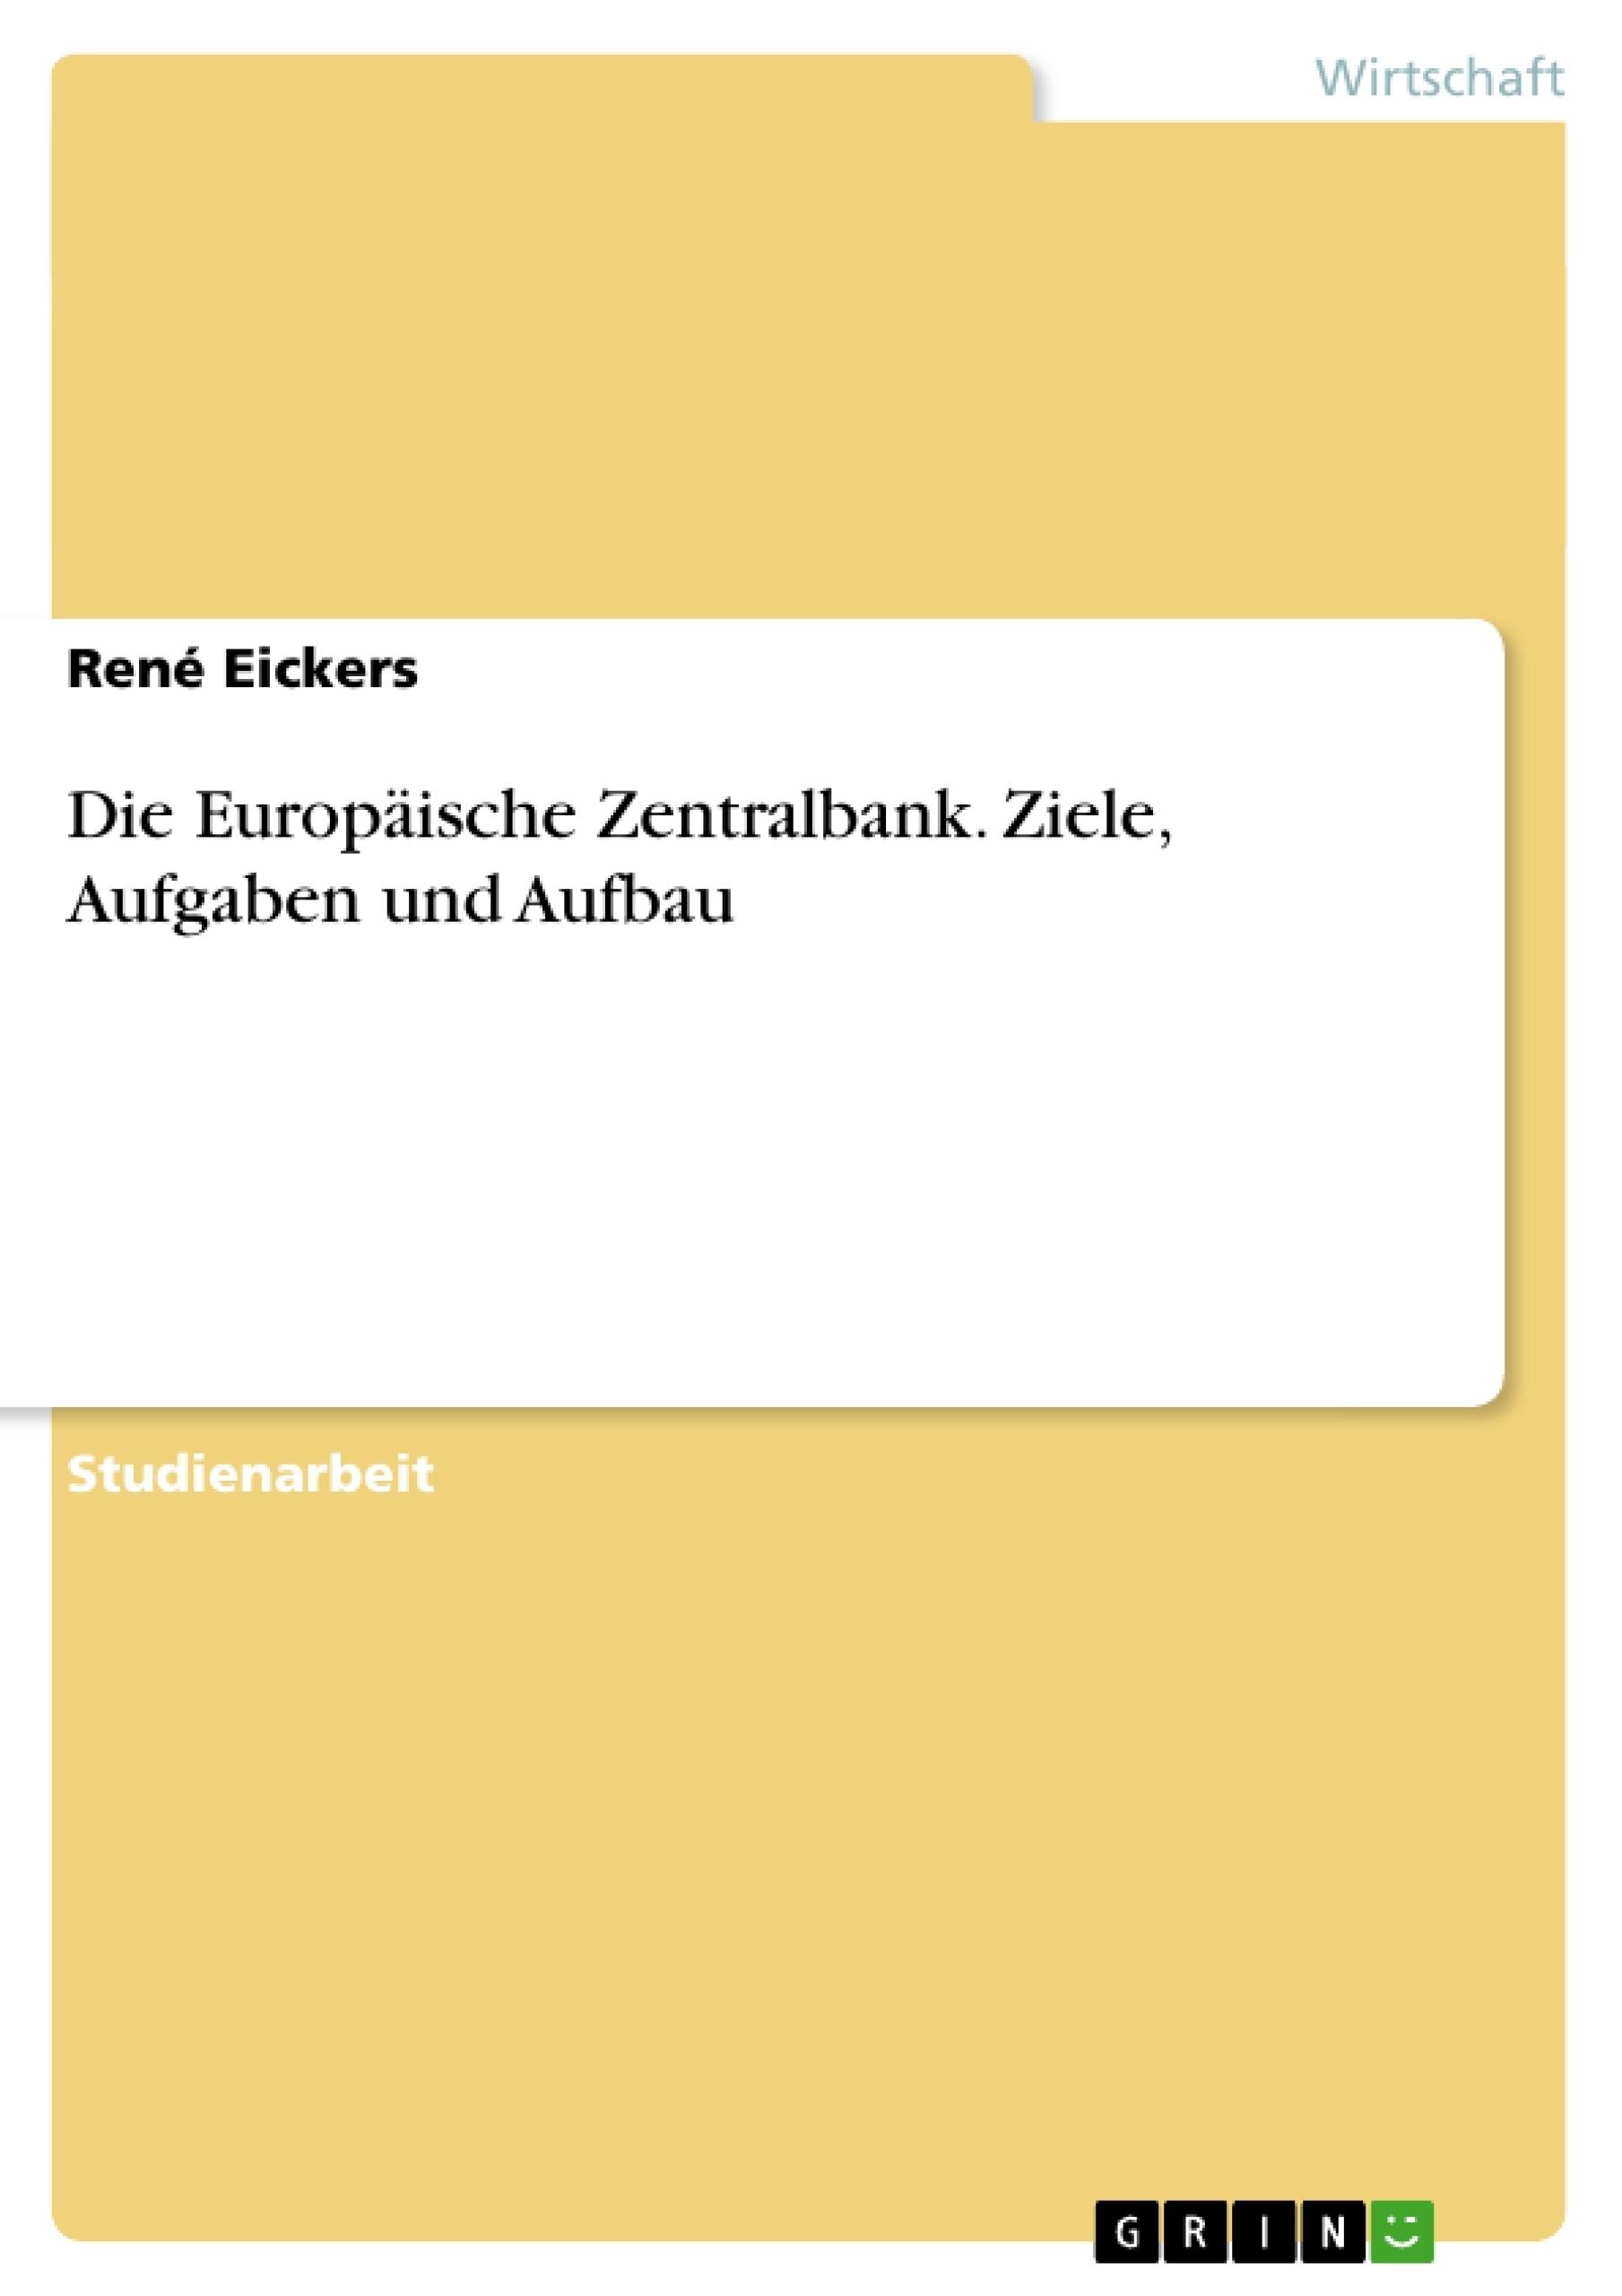 Titel: Die Europäische Zentralbank. Ziele, Aufgaben und Aufbau